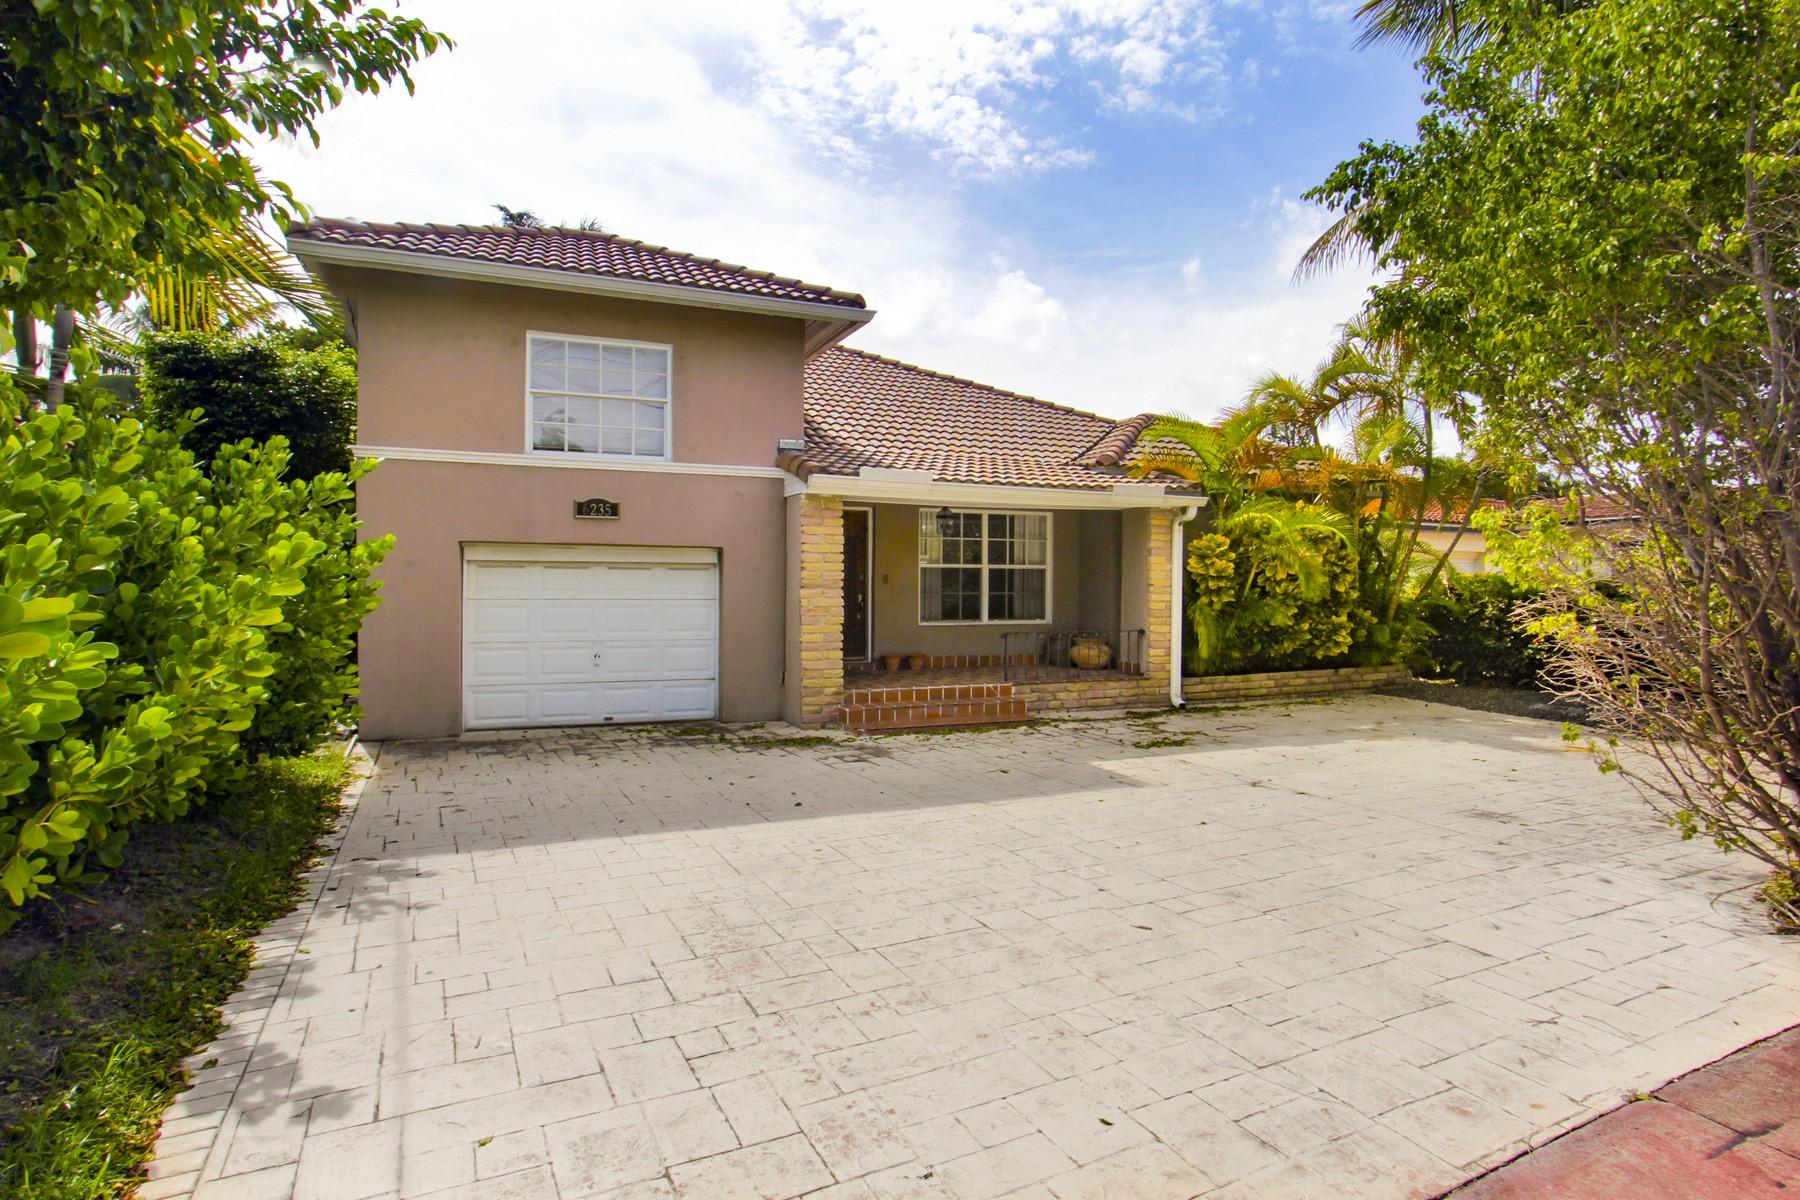 独户住宅 为 销售 在 6235 Alton Rd 迈阿密海滩, 佛罗里达州 33139 美国